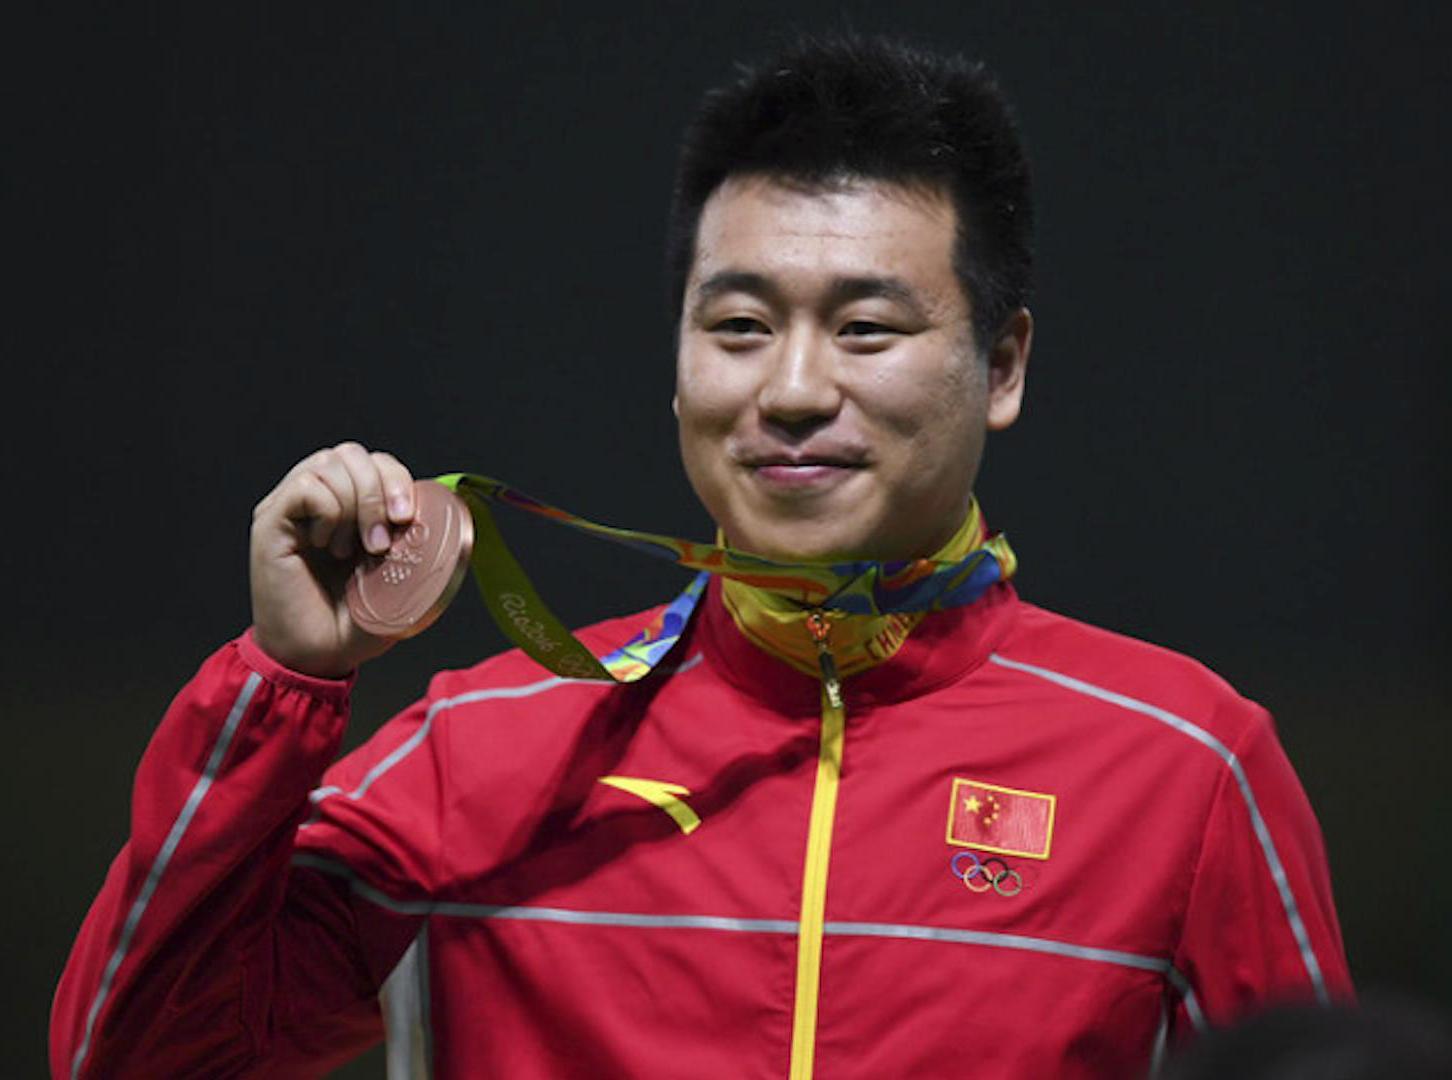 赛况:越南老将逆转夺金 庞伟摘铜